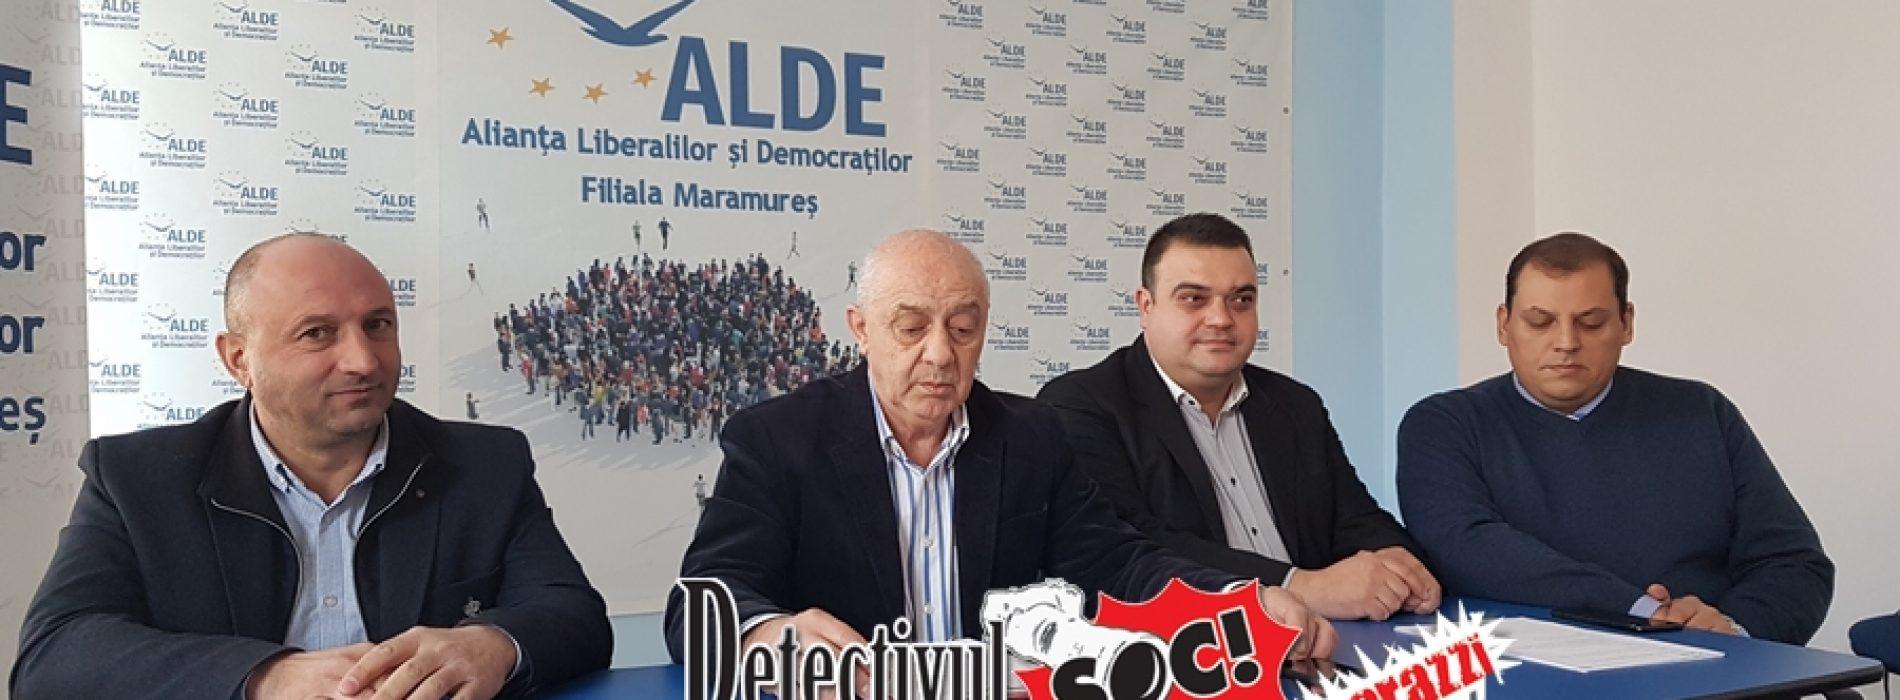 ALDE Maramureș: peste 5% în alegerile viitoare, 2 consilieri locali la Baia Mare, 2 consilieri județeni, câte 1 consilier local în fiecare localitate